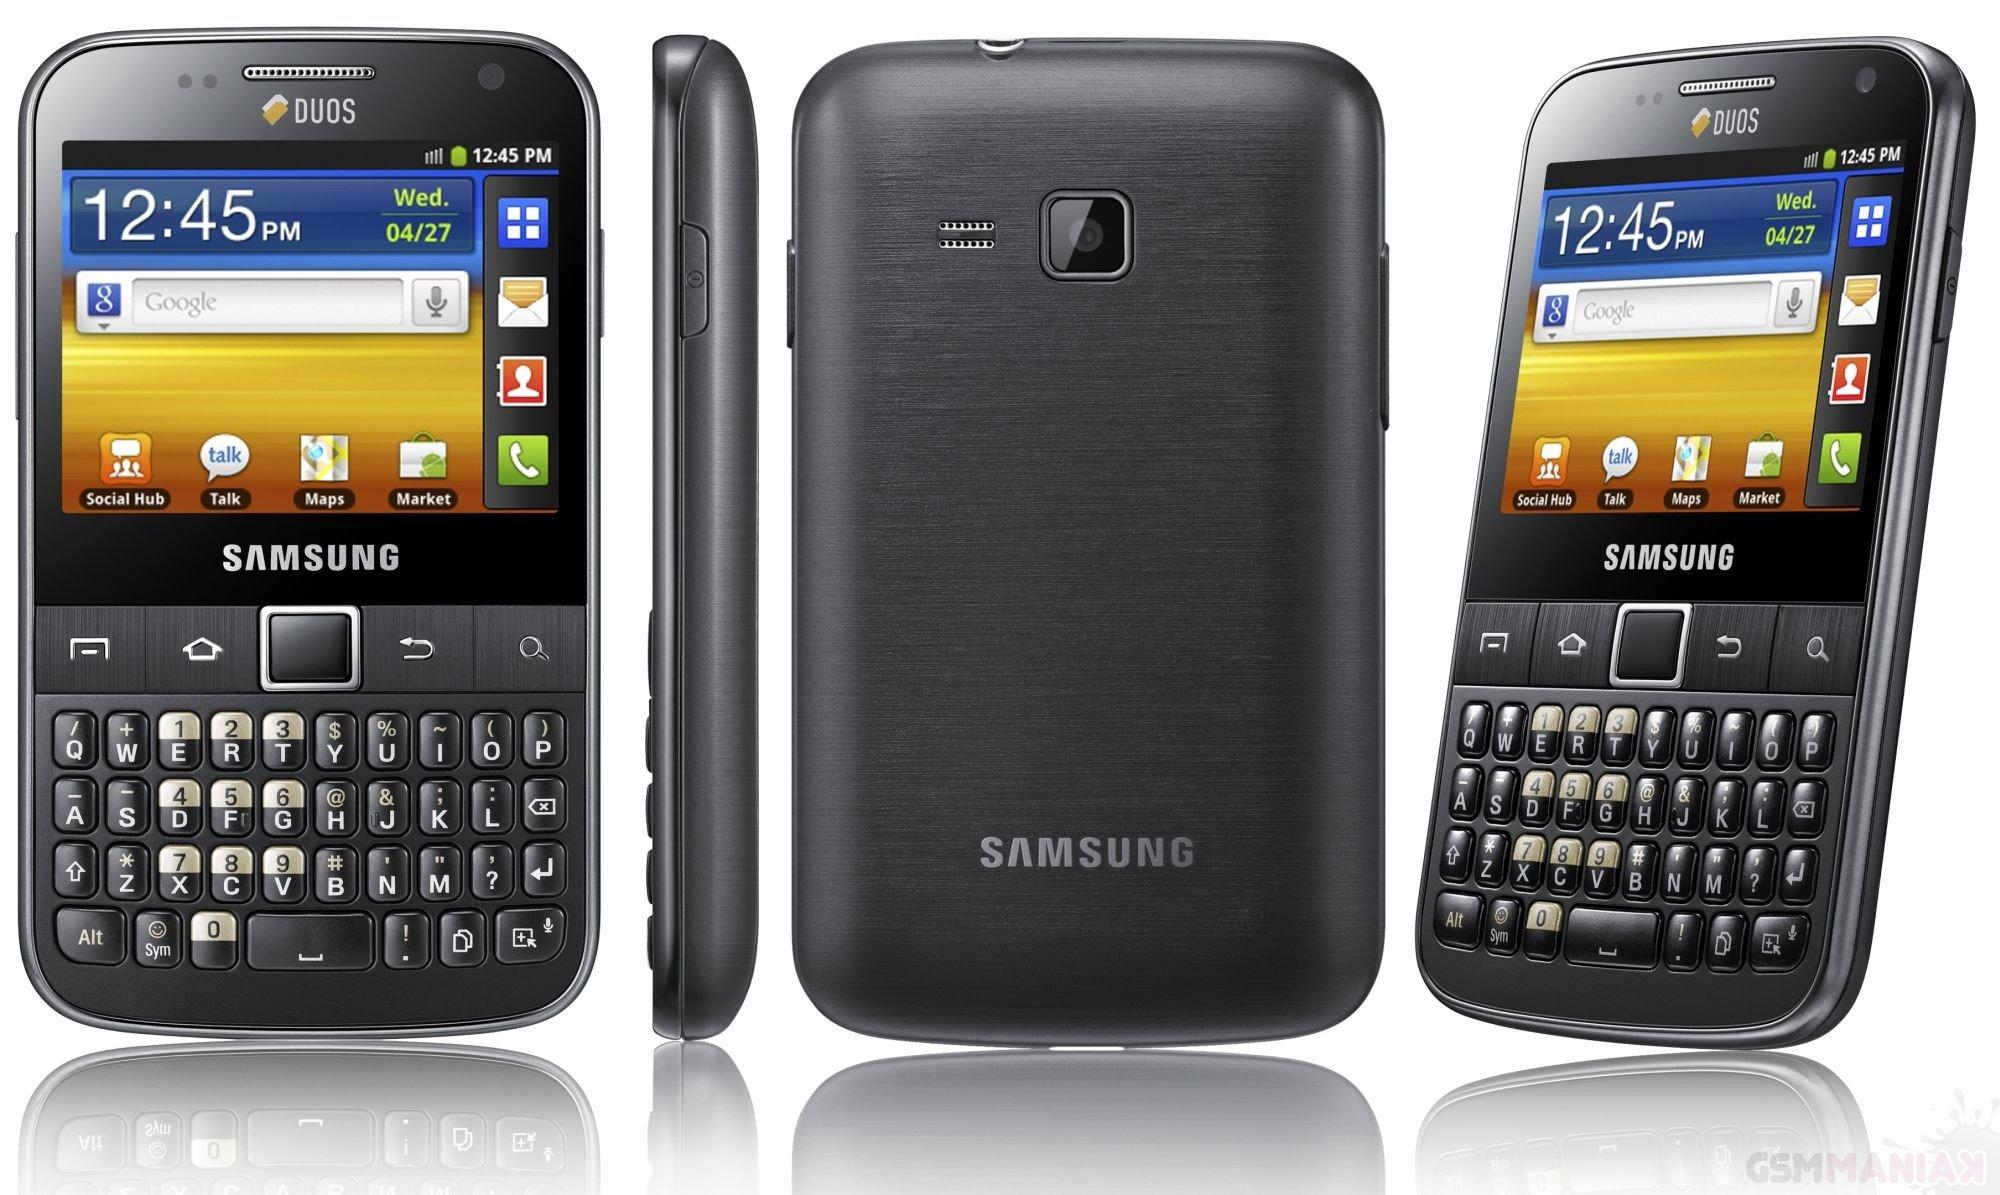 Samsung Galaxy Y Pro Duoz Android dual SIM z QWERTY trafia